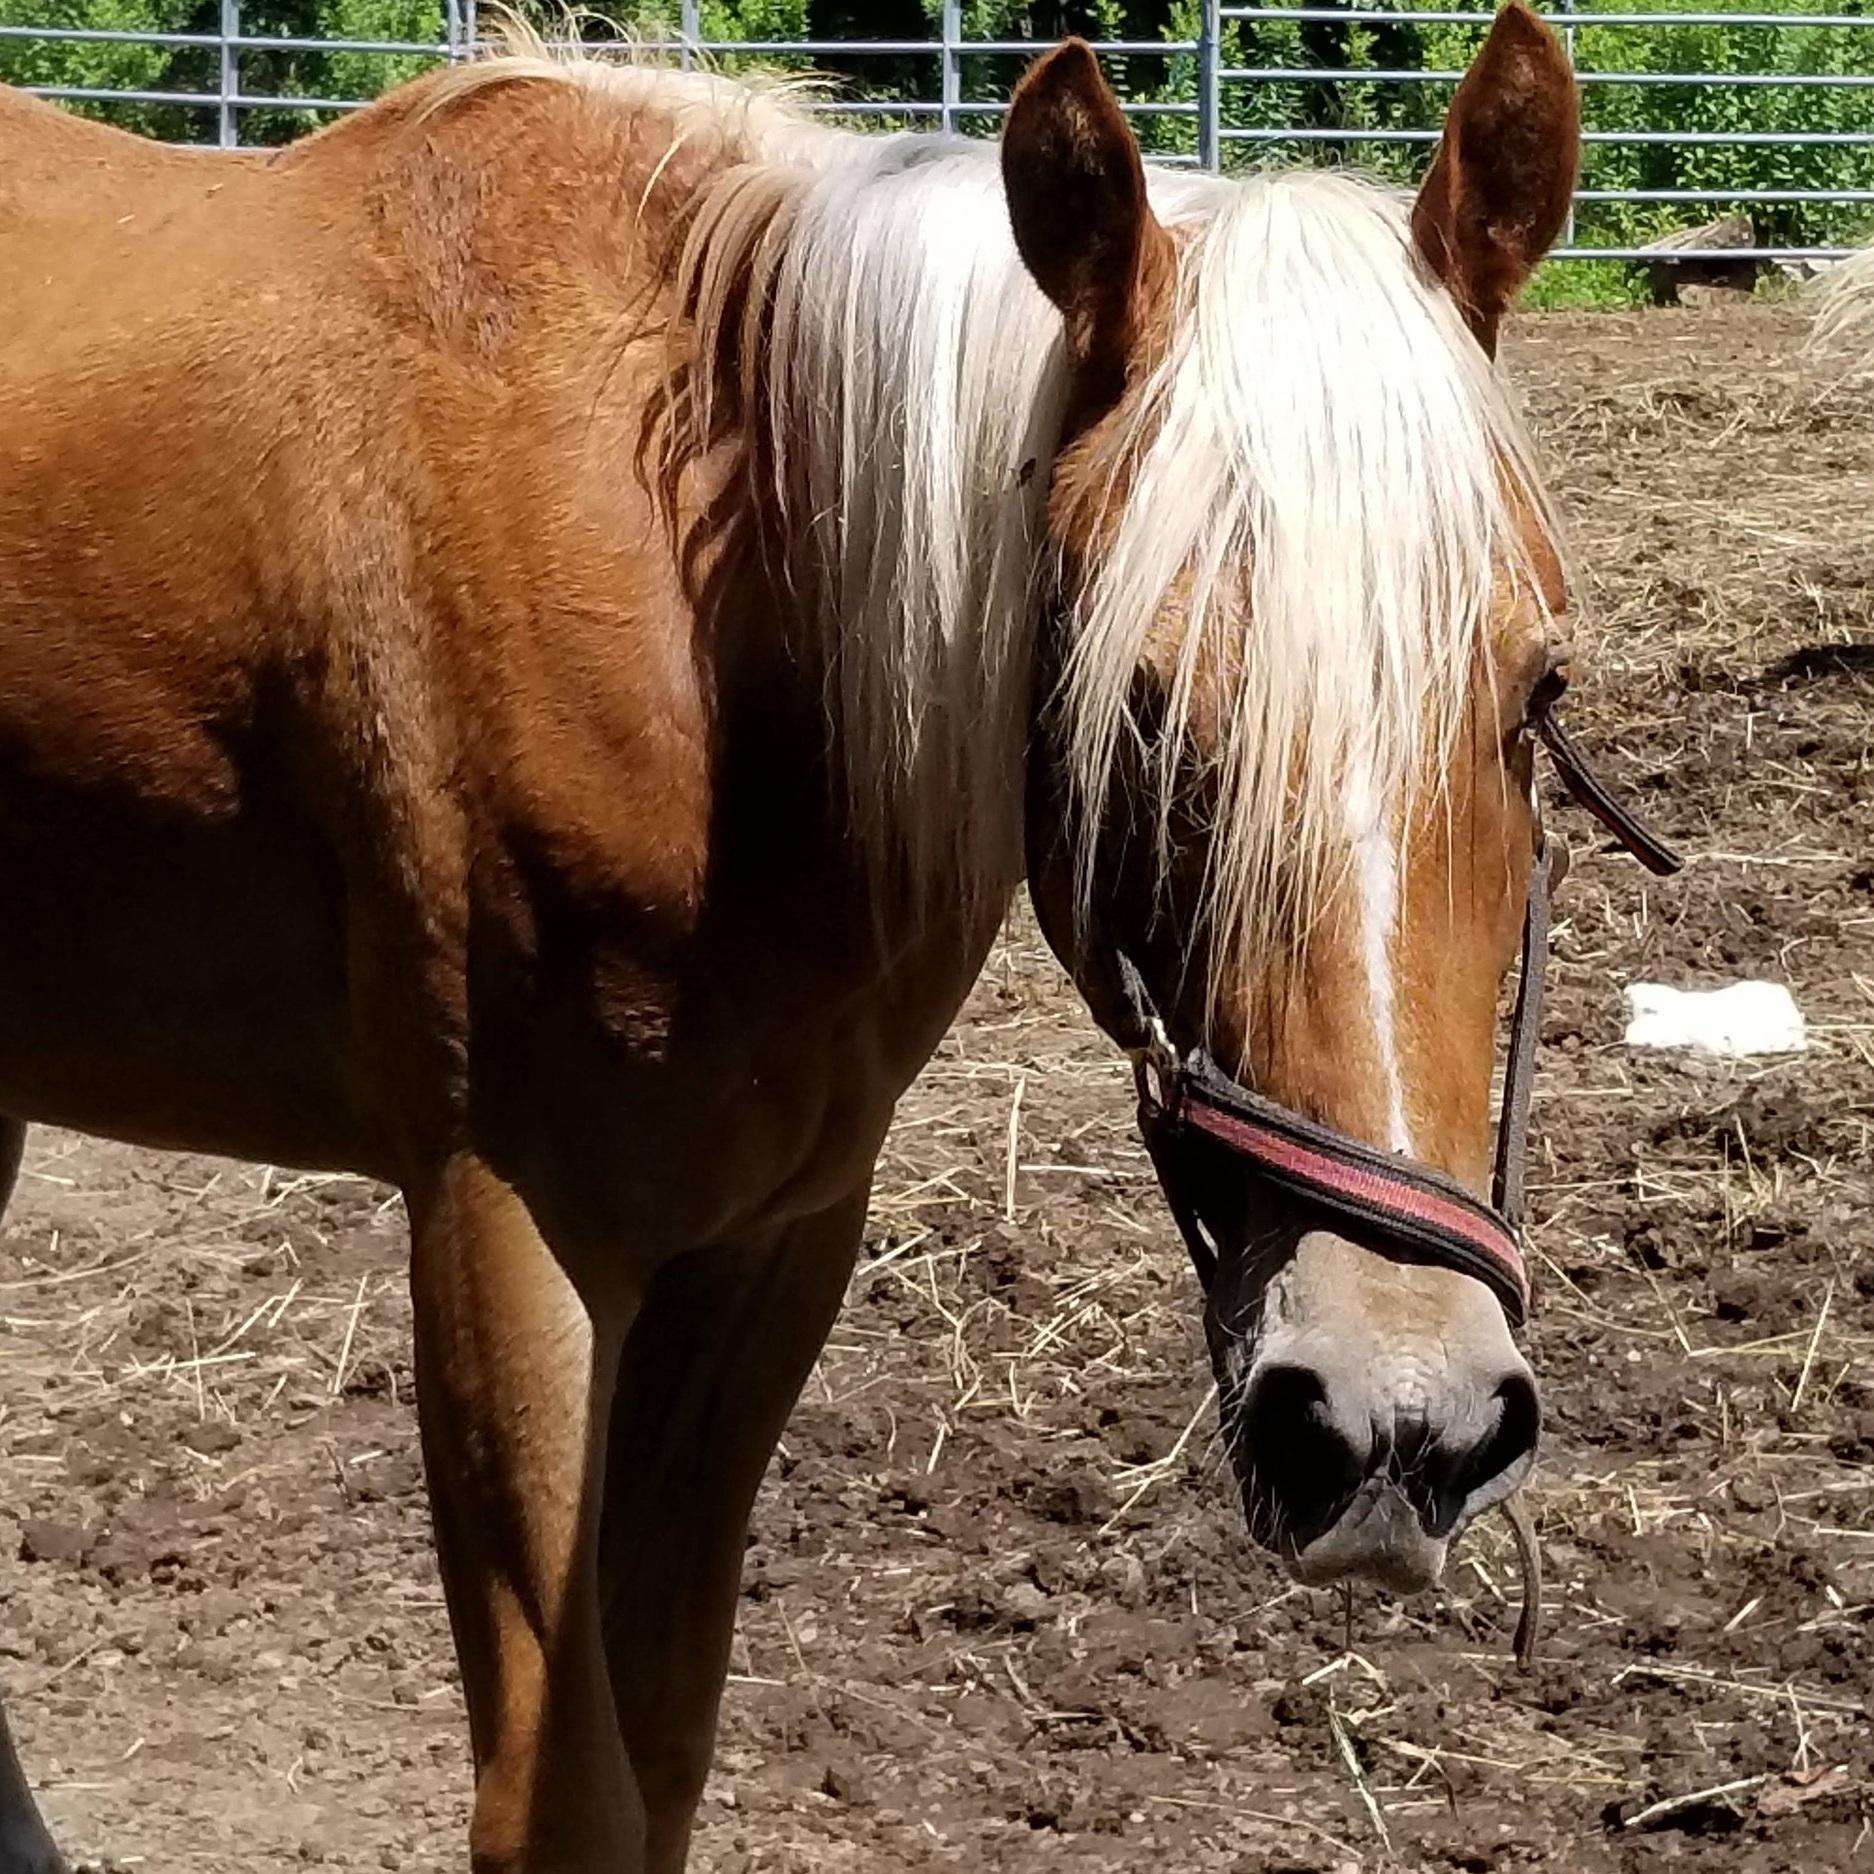 Liam, the horse